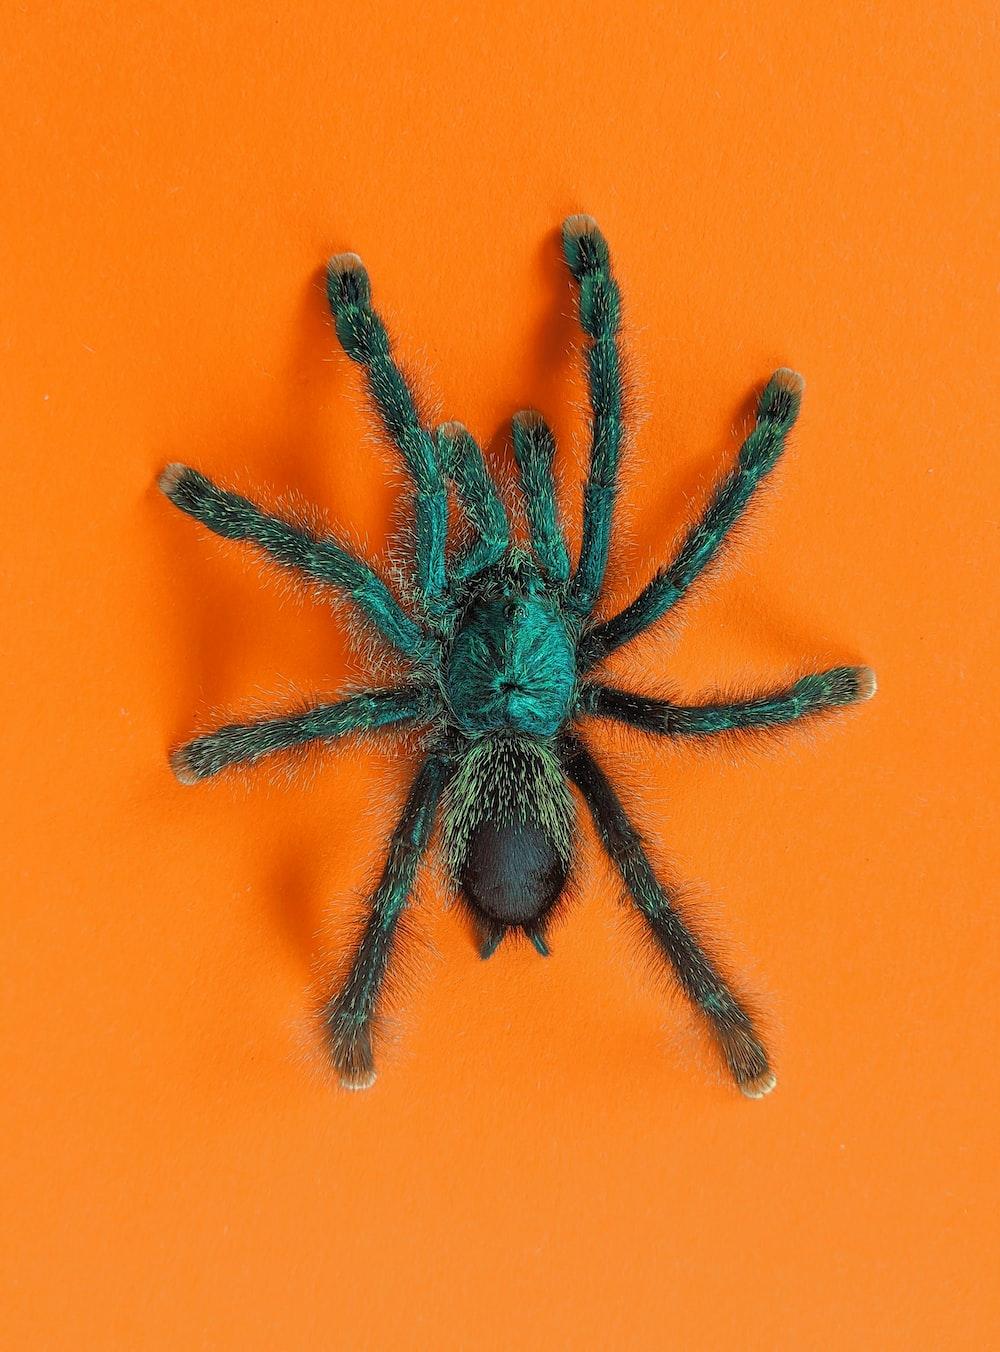 black spider on orange surface